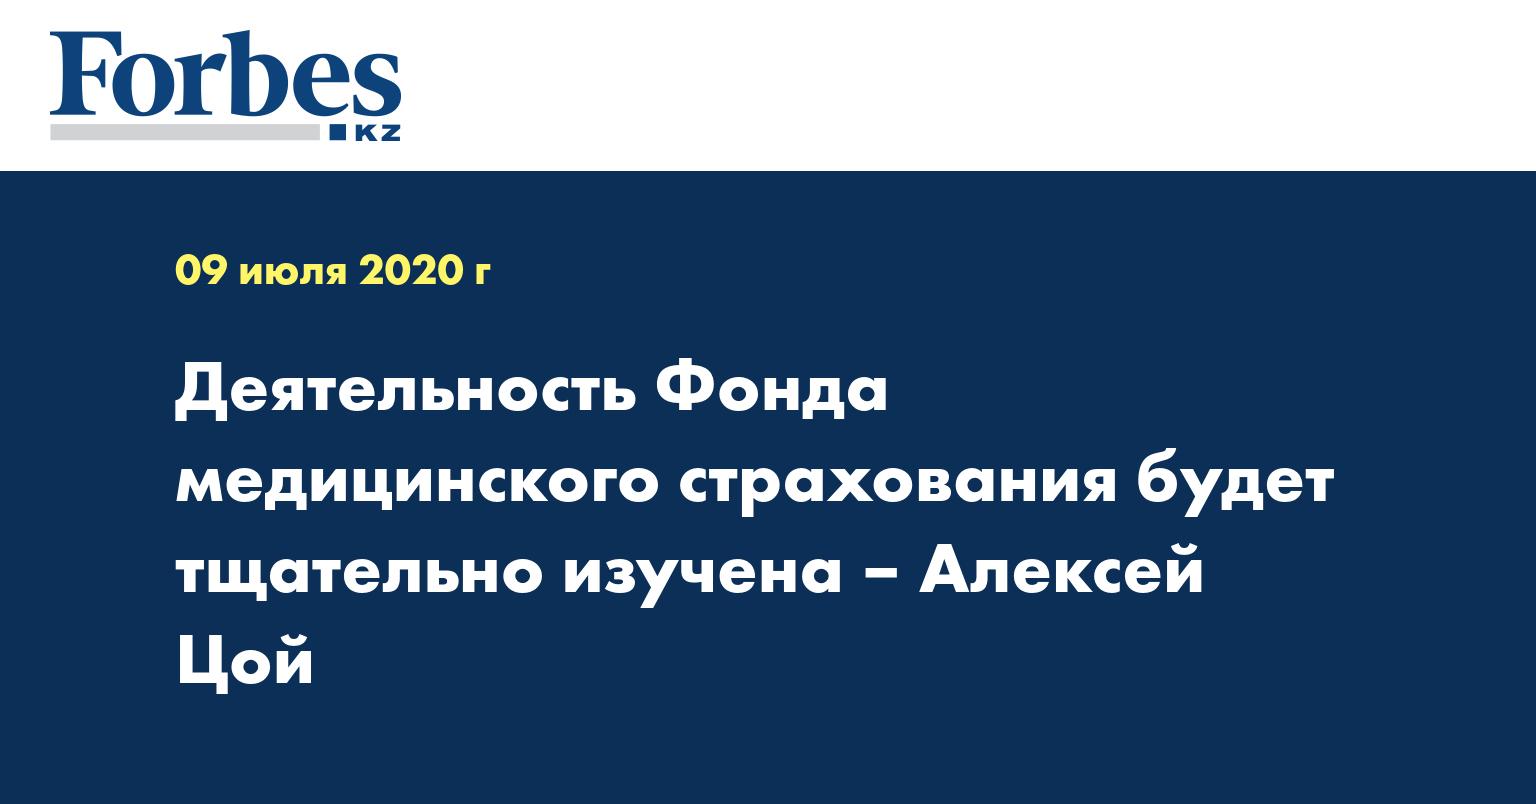 Деятельность Фонда медицинского страхования будет тщательно изучена – Алексей Цой